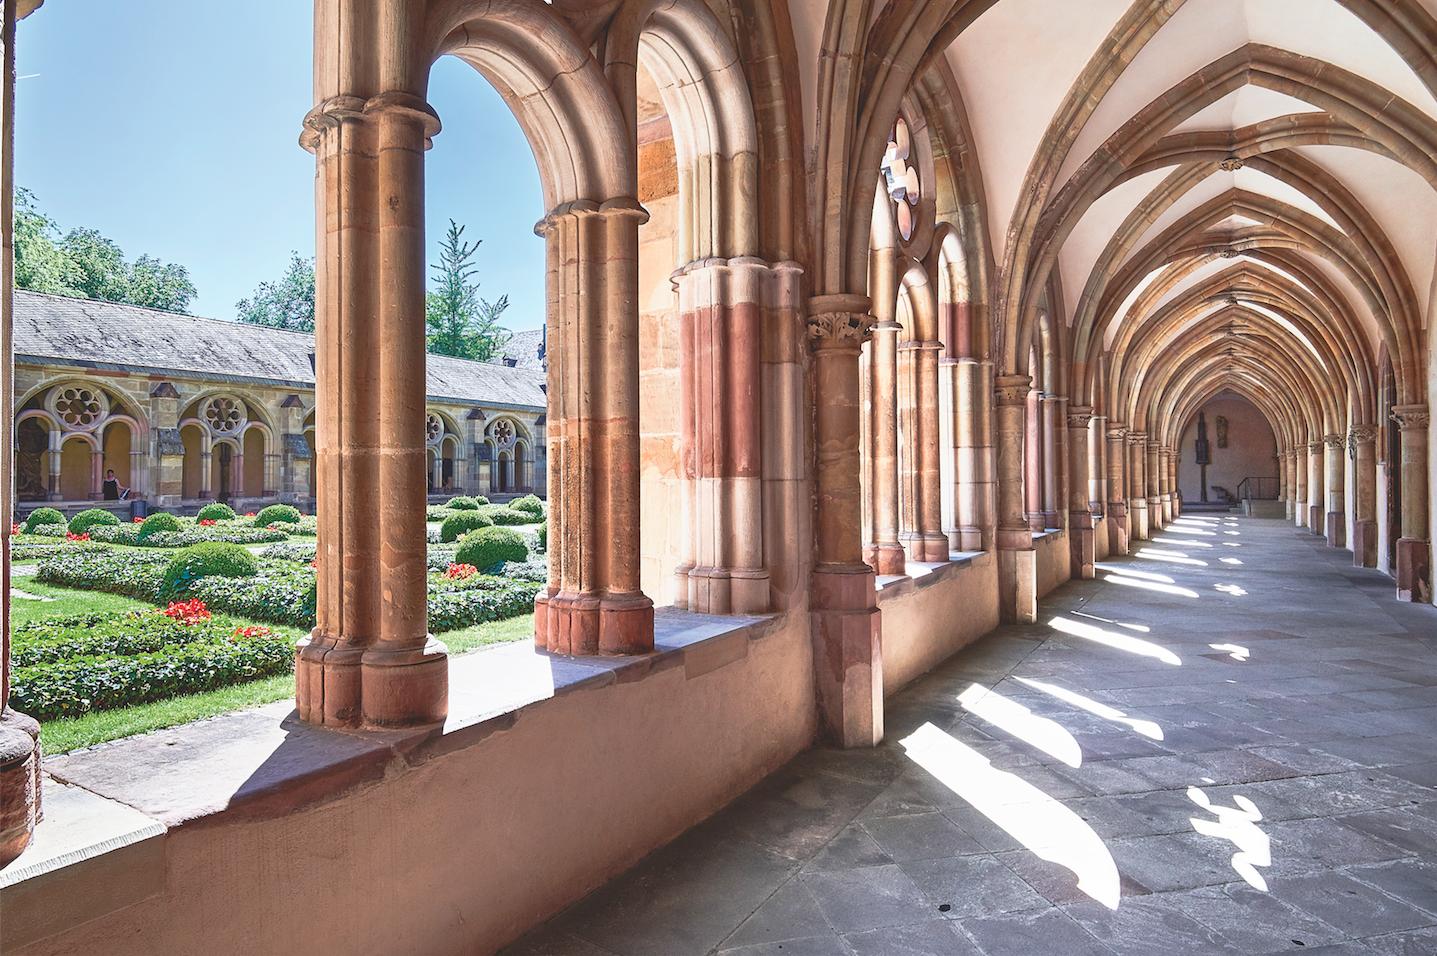 Unesco-Weltkulturerbe: Licht und Schatten: Der Kreuzgang entstand im 13. Jahrhundert, wurde mehrfach umgestaltet und 1944 erheblich zerstört. Heute wieder gut erkennbar: der ursprüngliche gotische Stil.